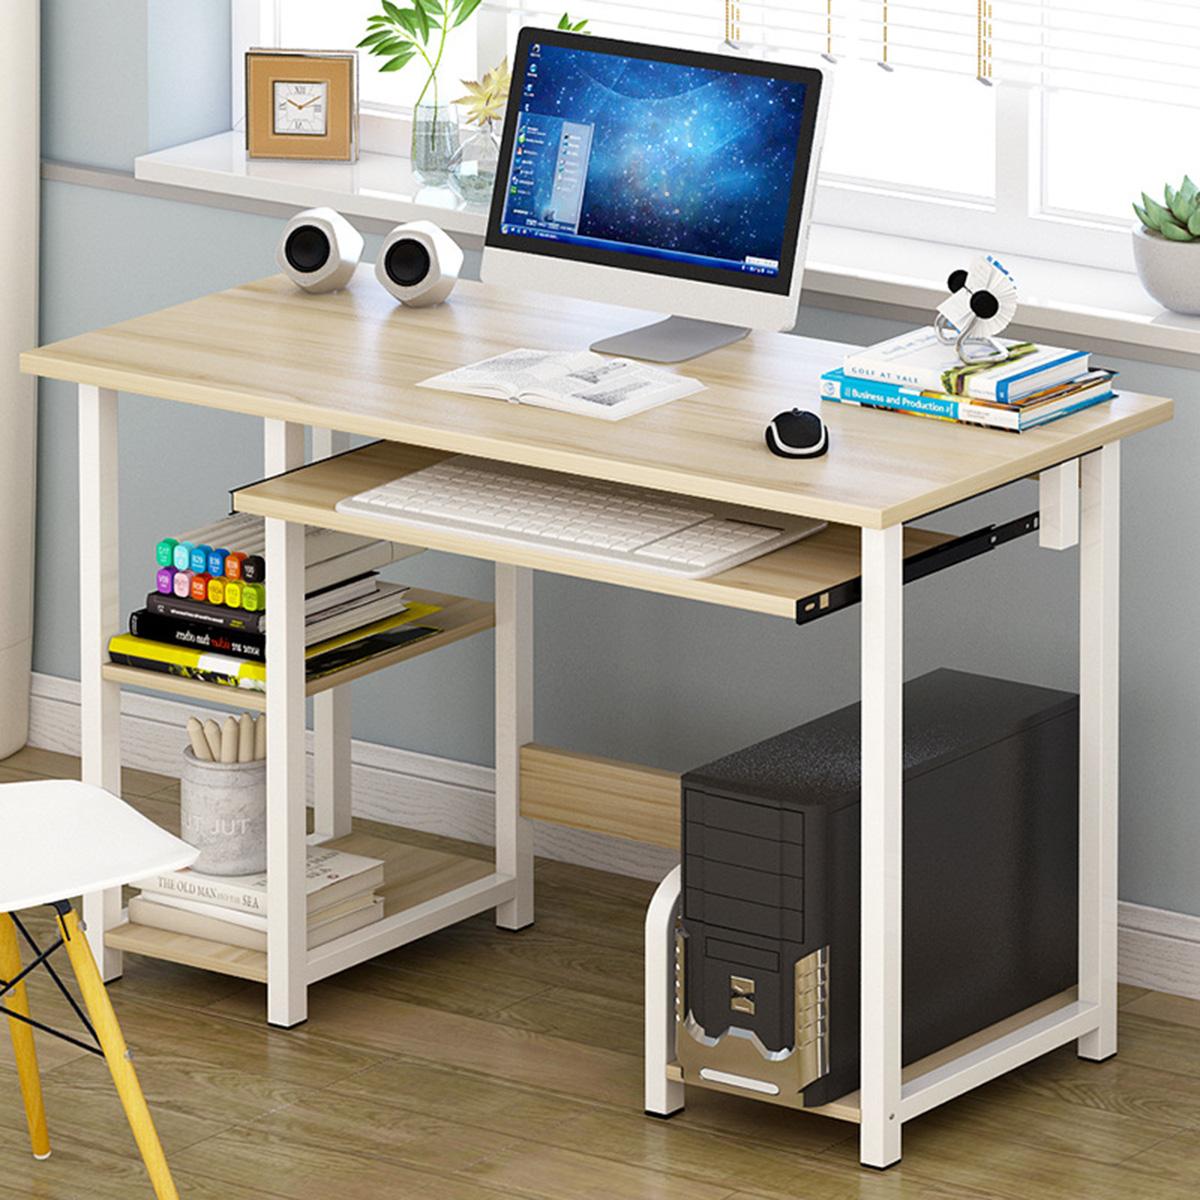 Modern Desktop Computer Desk Gaming PC Laptop Desk Work Table, Home Workstation Students Study Writing Desk